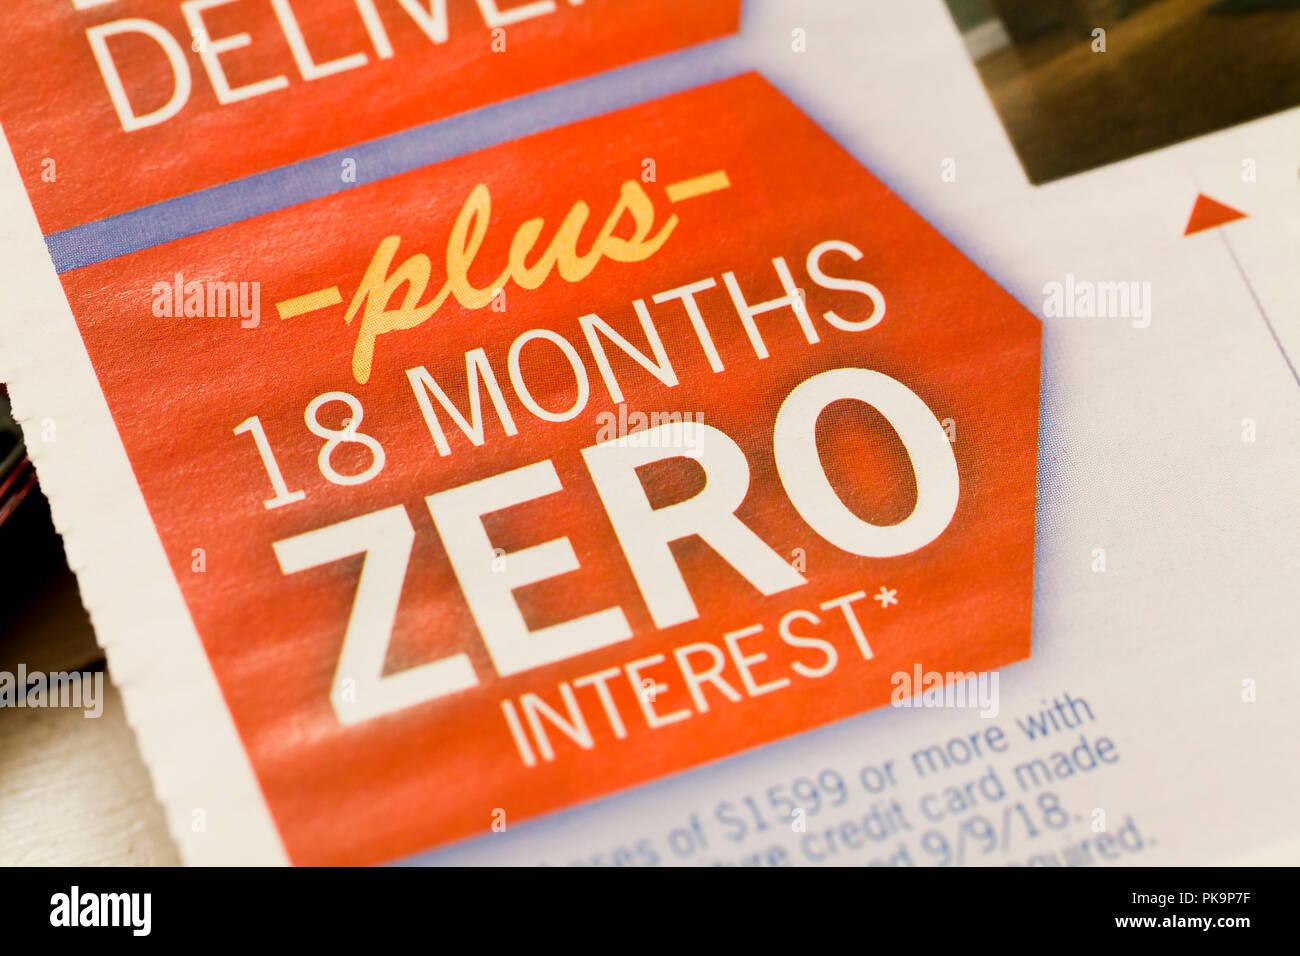 """""""18 mesi Zero interesse' messaggio su stampa pubblicitaria - USA Immagini Stock"""